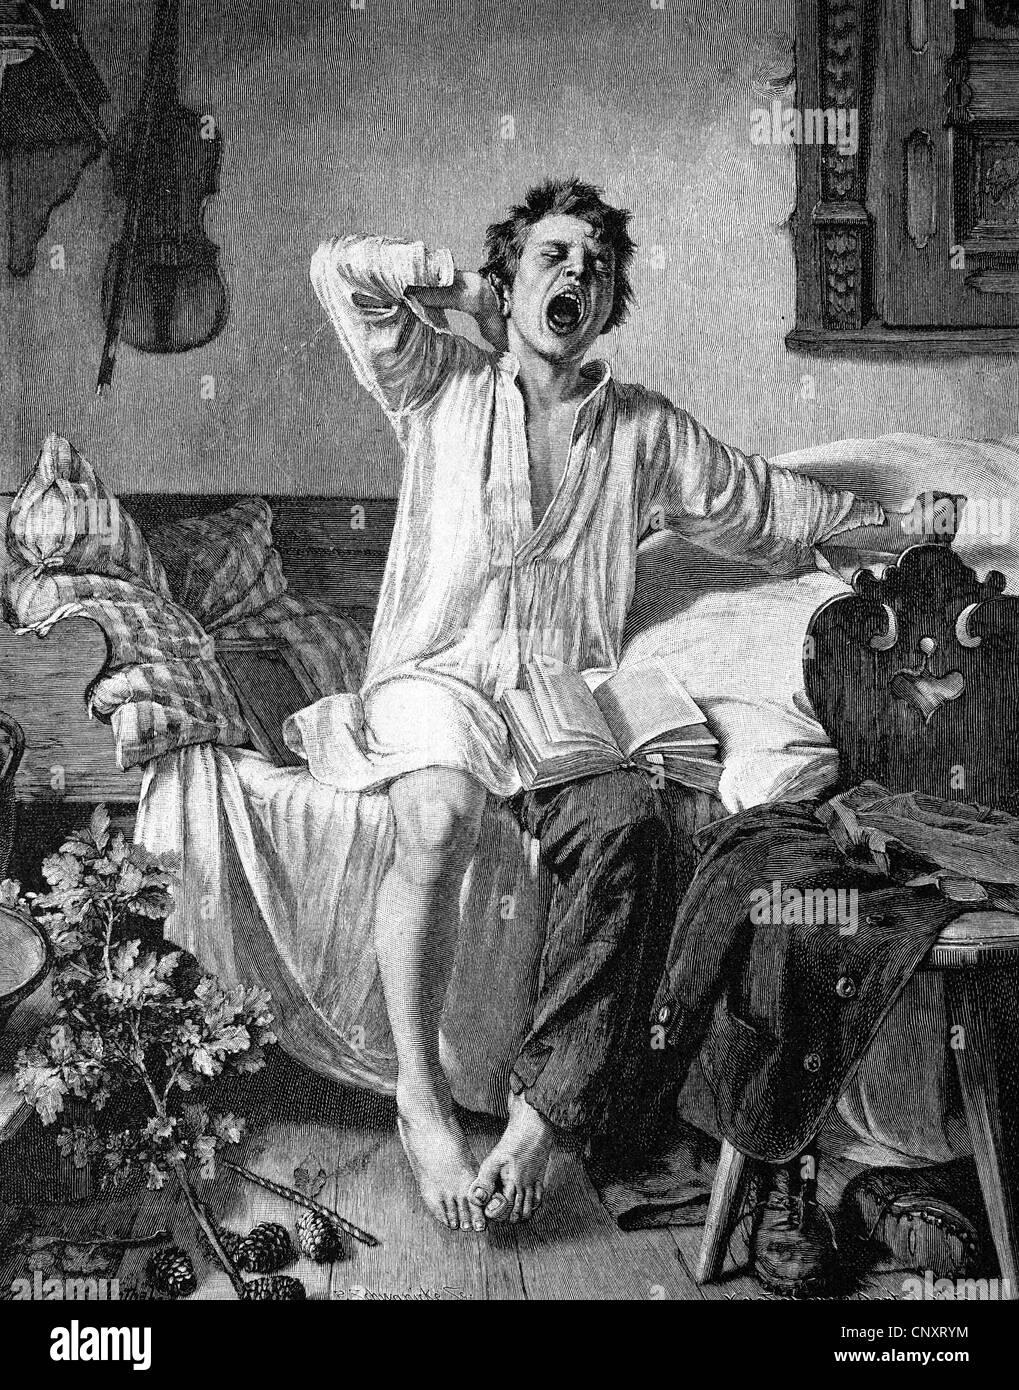 Joven es la mañana todavía cansado, histórico grabado, 1888 Imagen De Stock